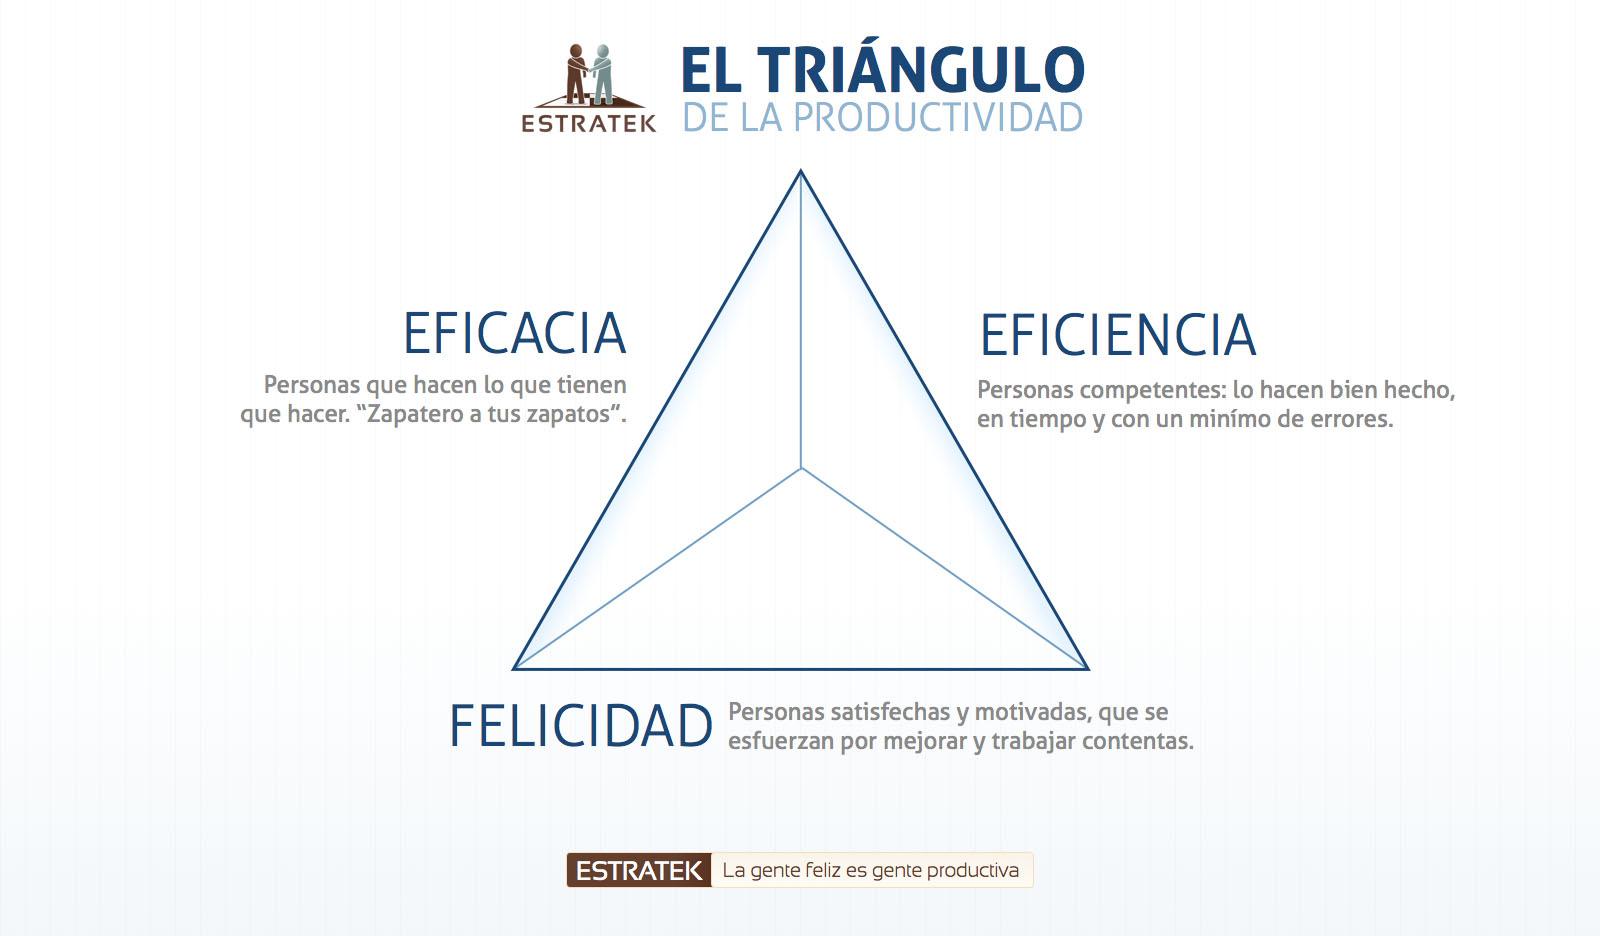 triangulo-de-la-productividad